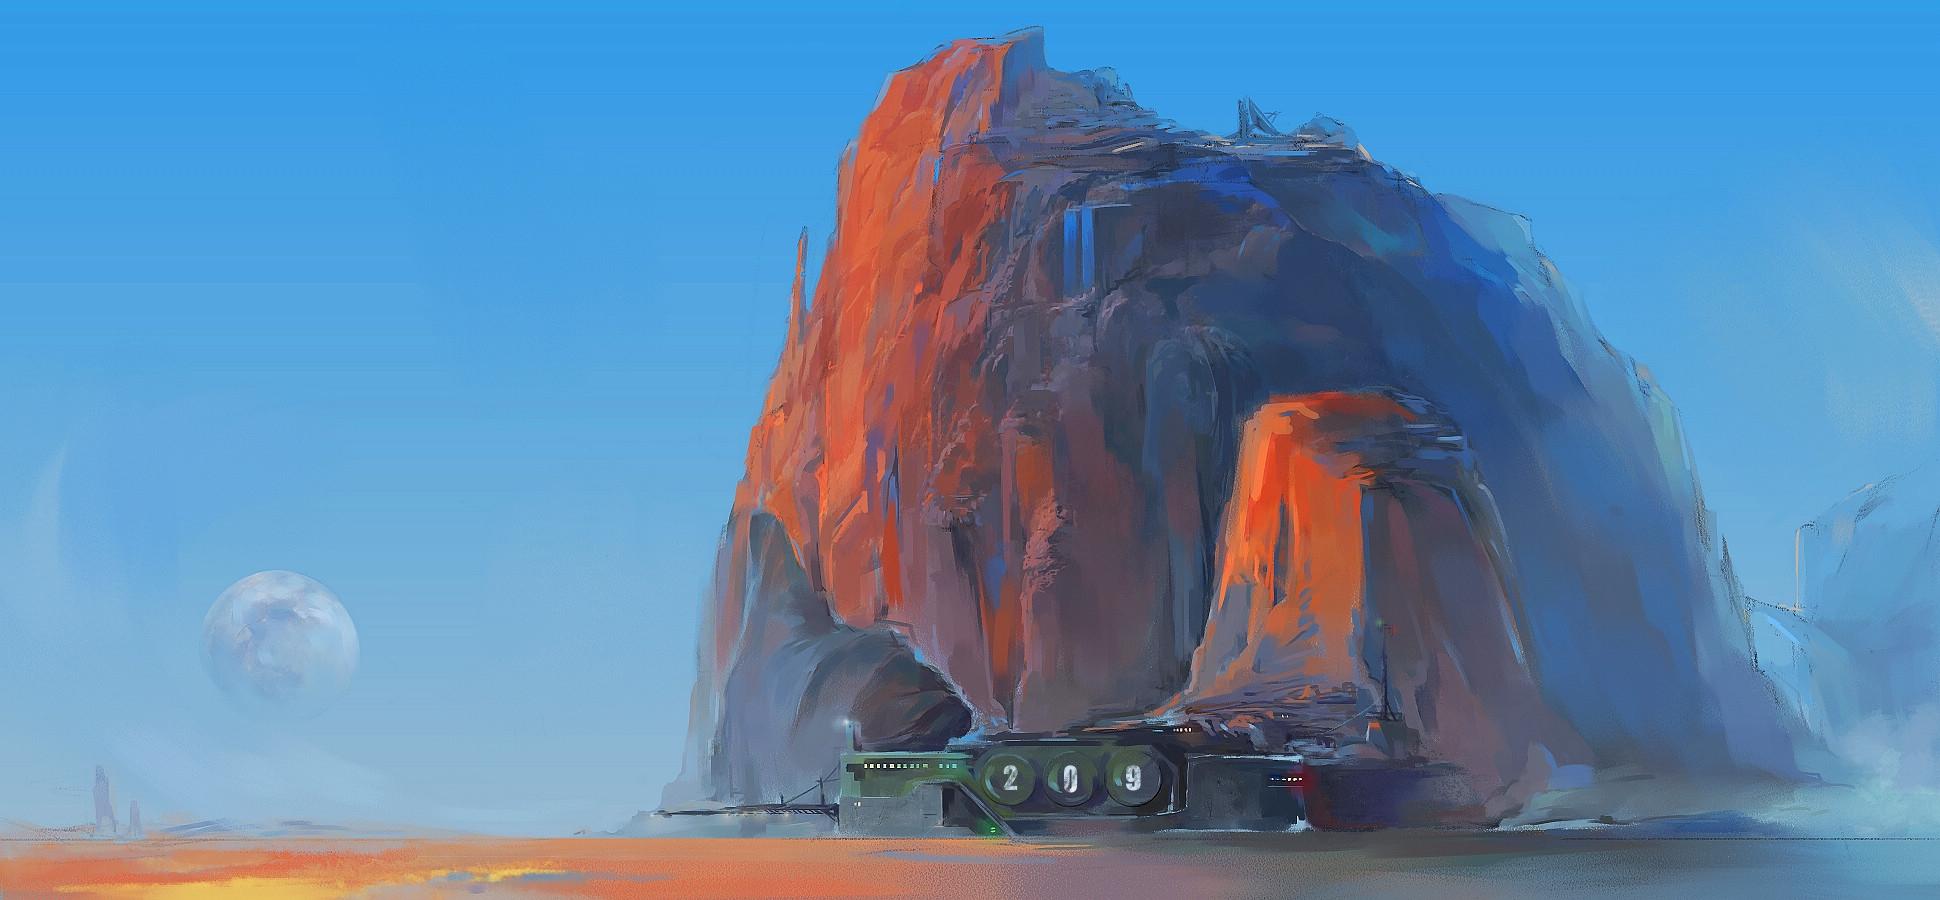 desert_base_by_alantsuei-d4fdy3q.jpg